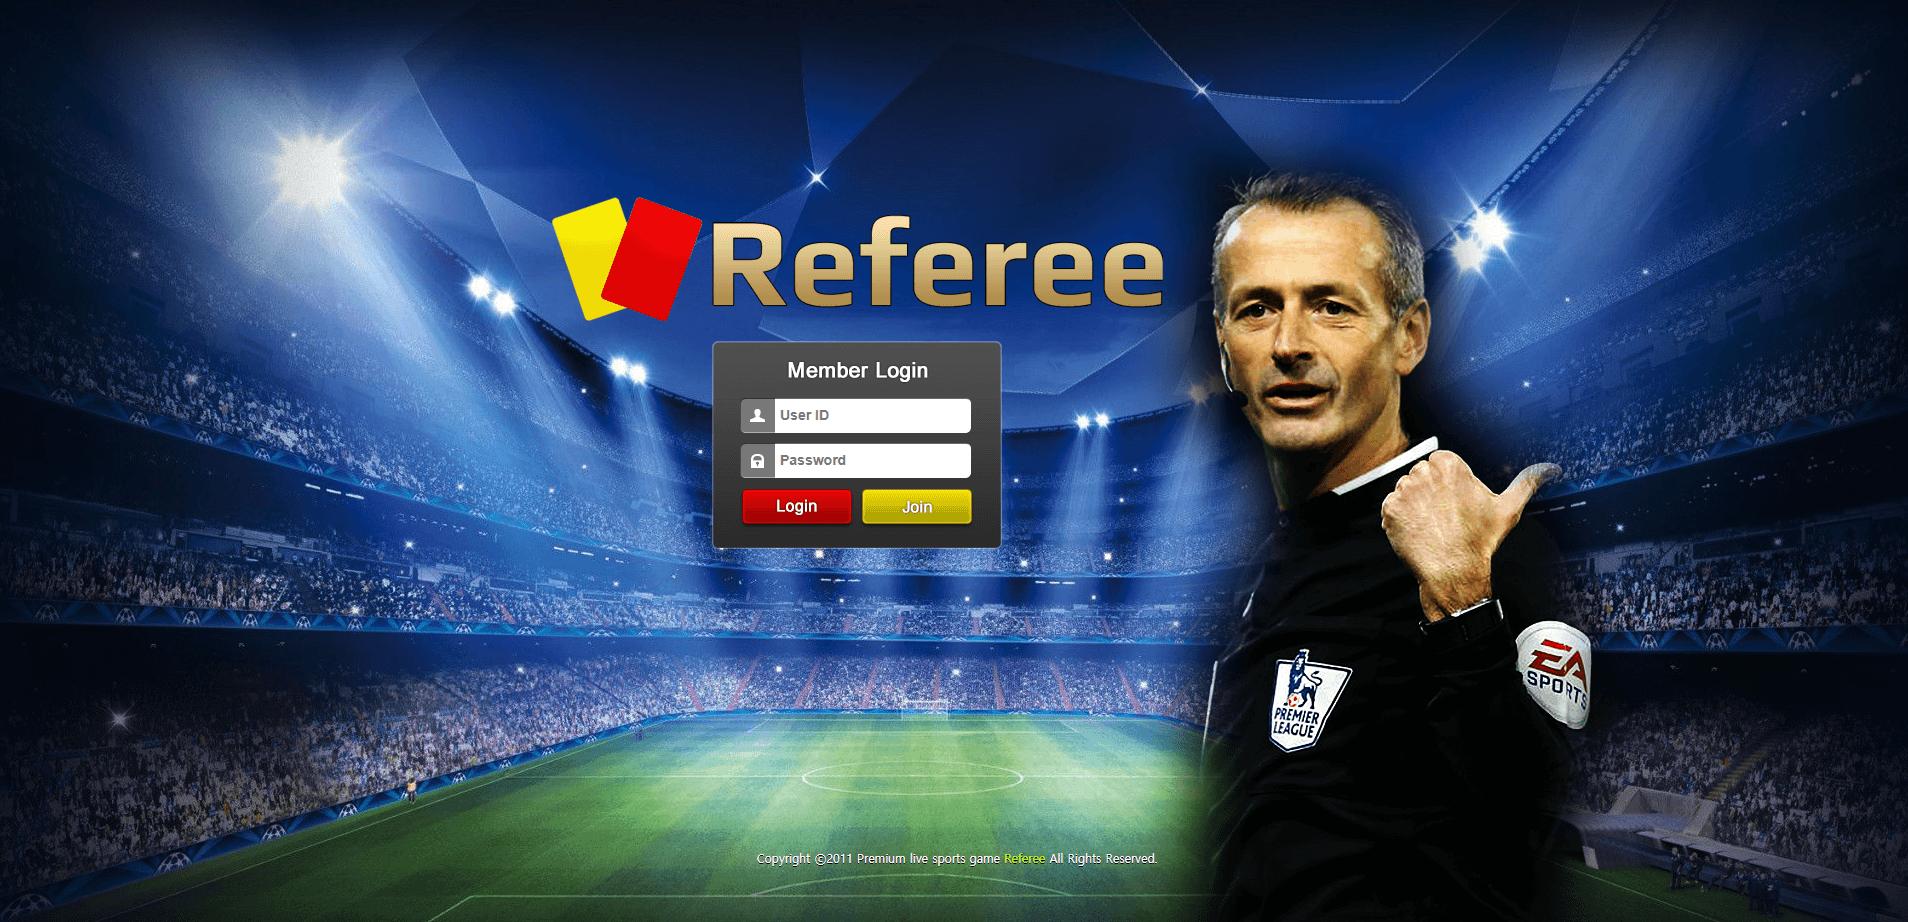 [먹튀검증]레프리(Referee) ref-300.com 먹튀사이트확정 토토사이트 먹튀검증업체 토토안내소